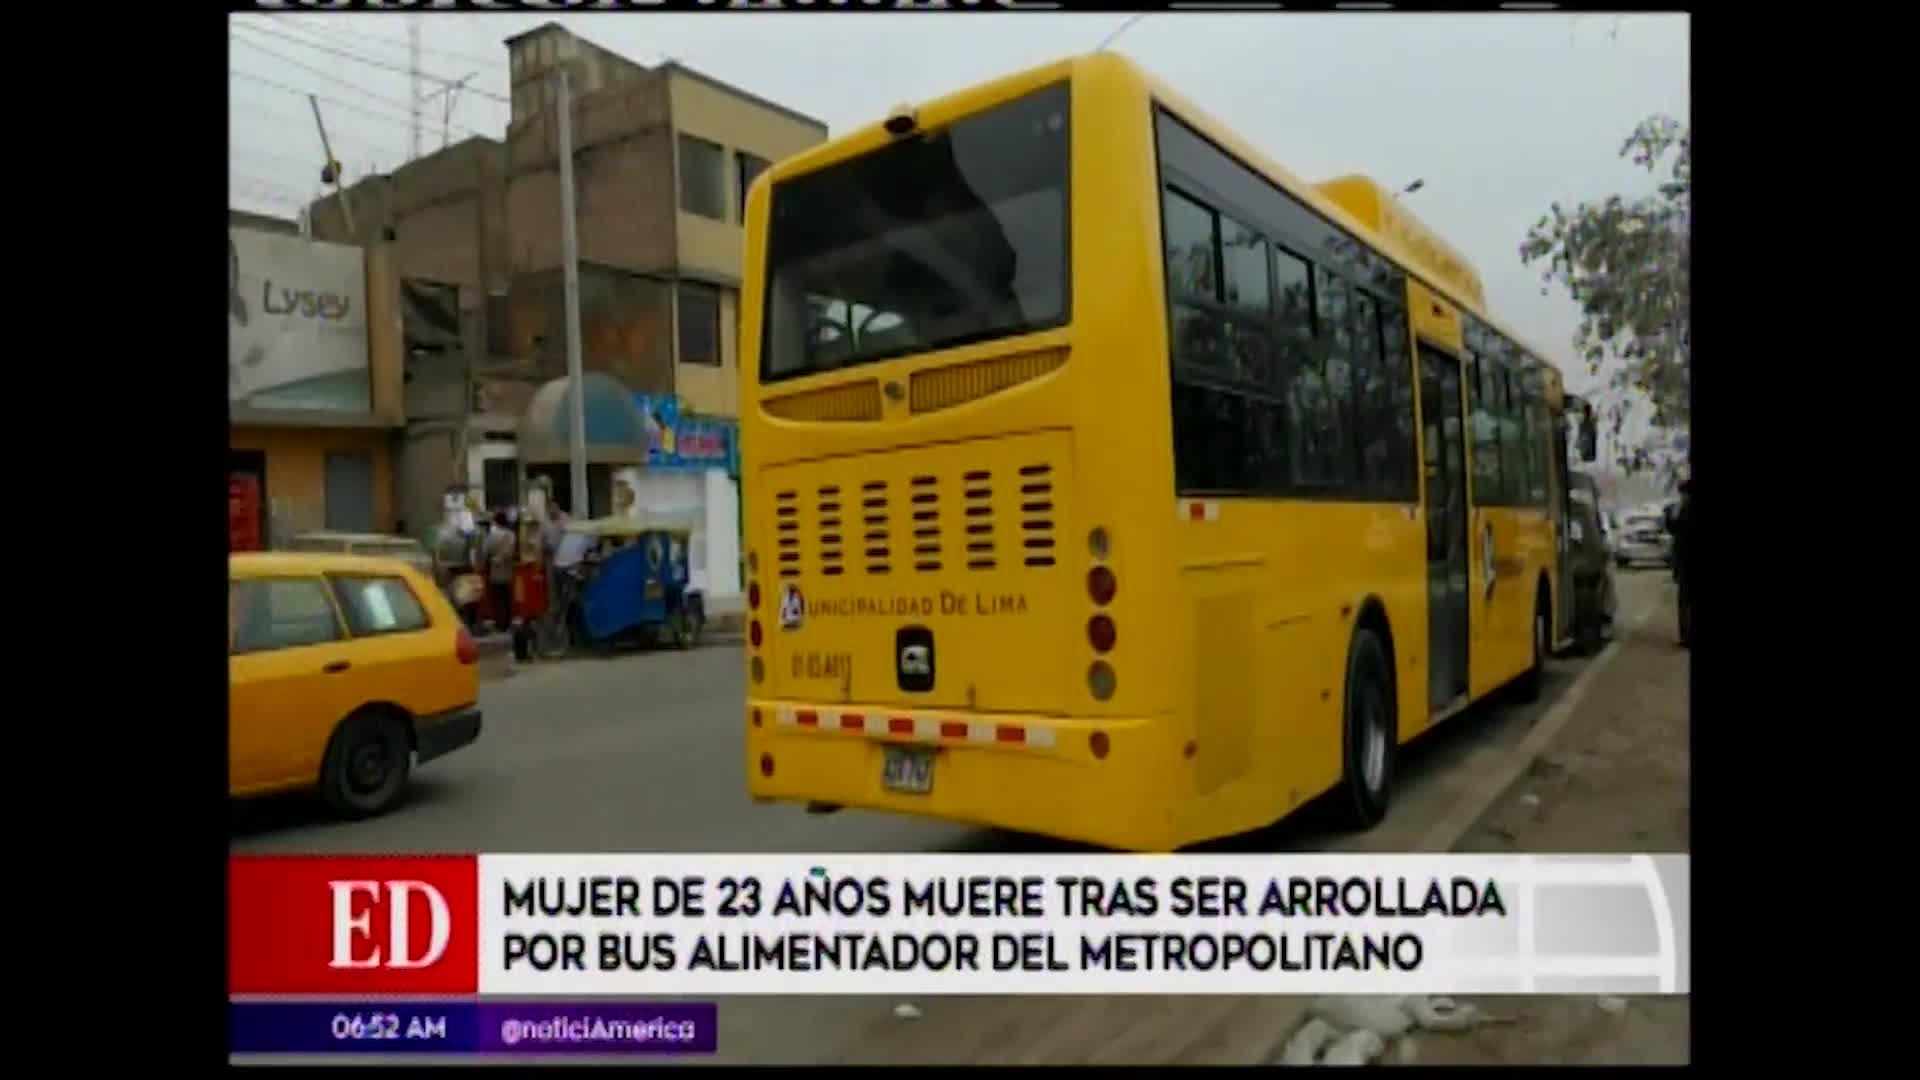 Comas: Joven murió luego de ser atropellada por bus alimentador del Metropolitano